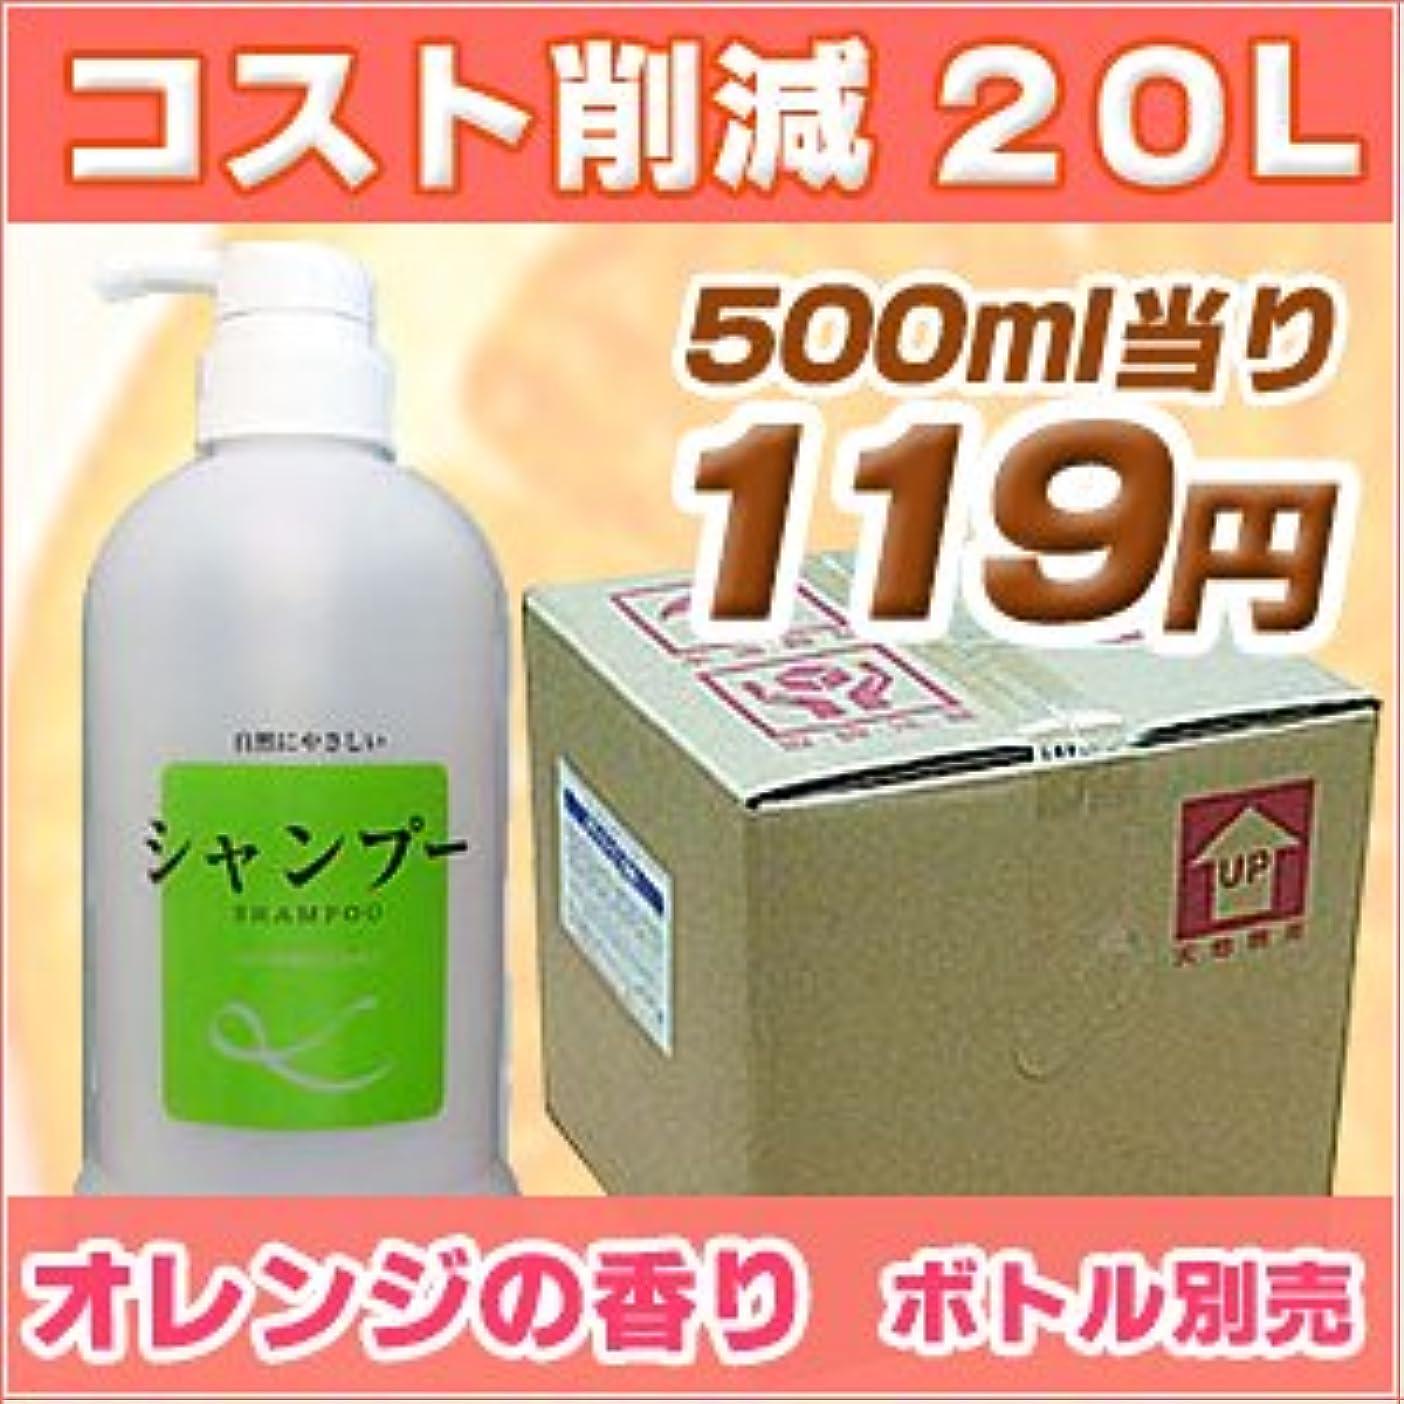 ラジカル発明するガロン業務用 シャンプー Windhill 植物性オレンジの香り 20L(1セット20L入)